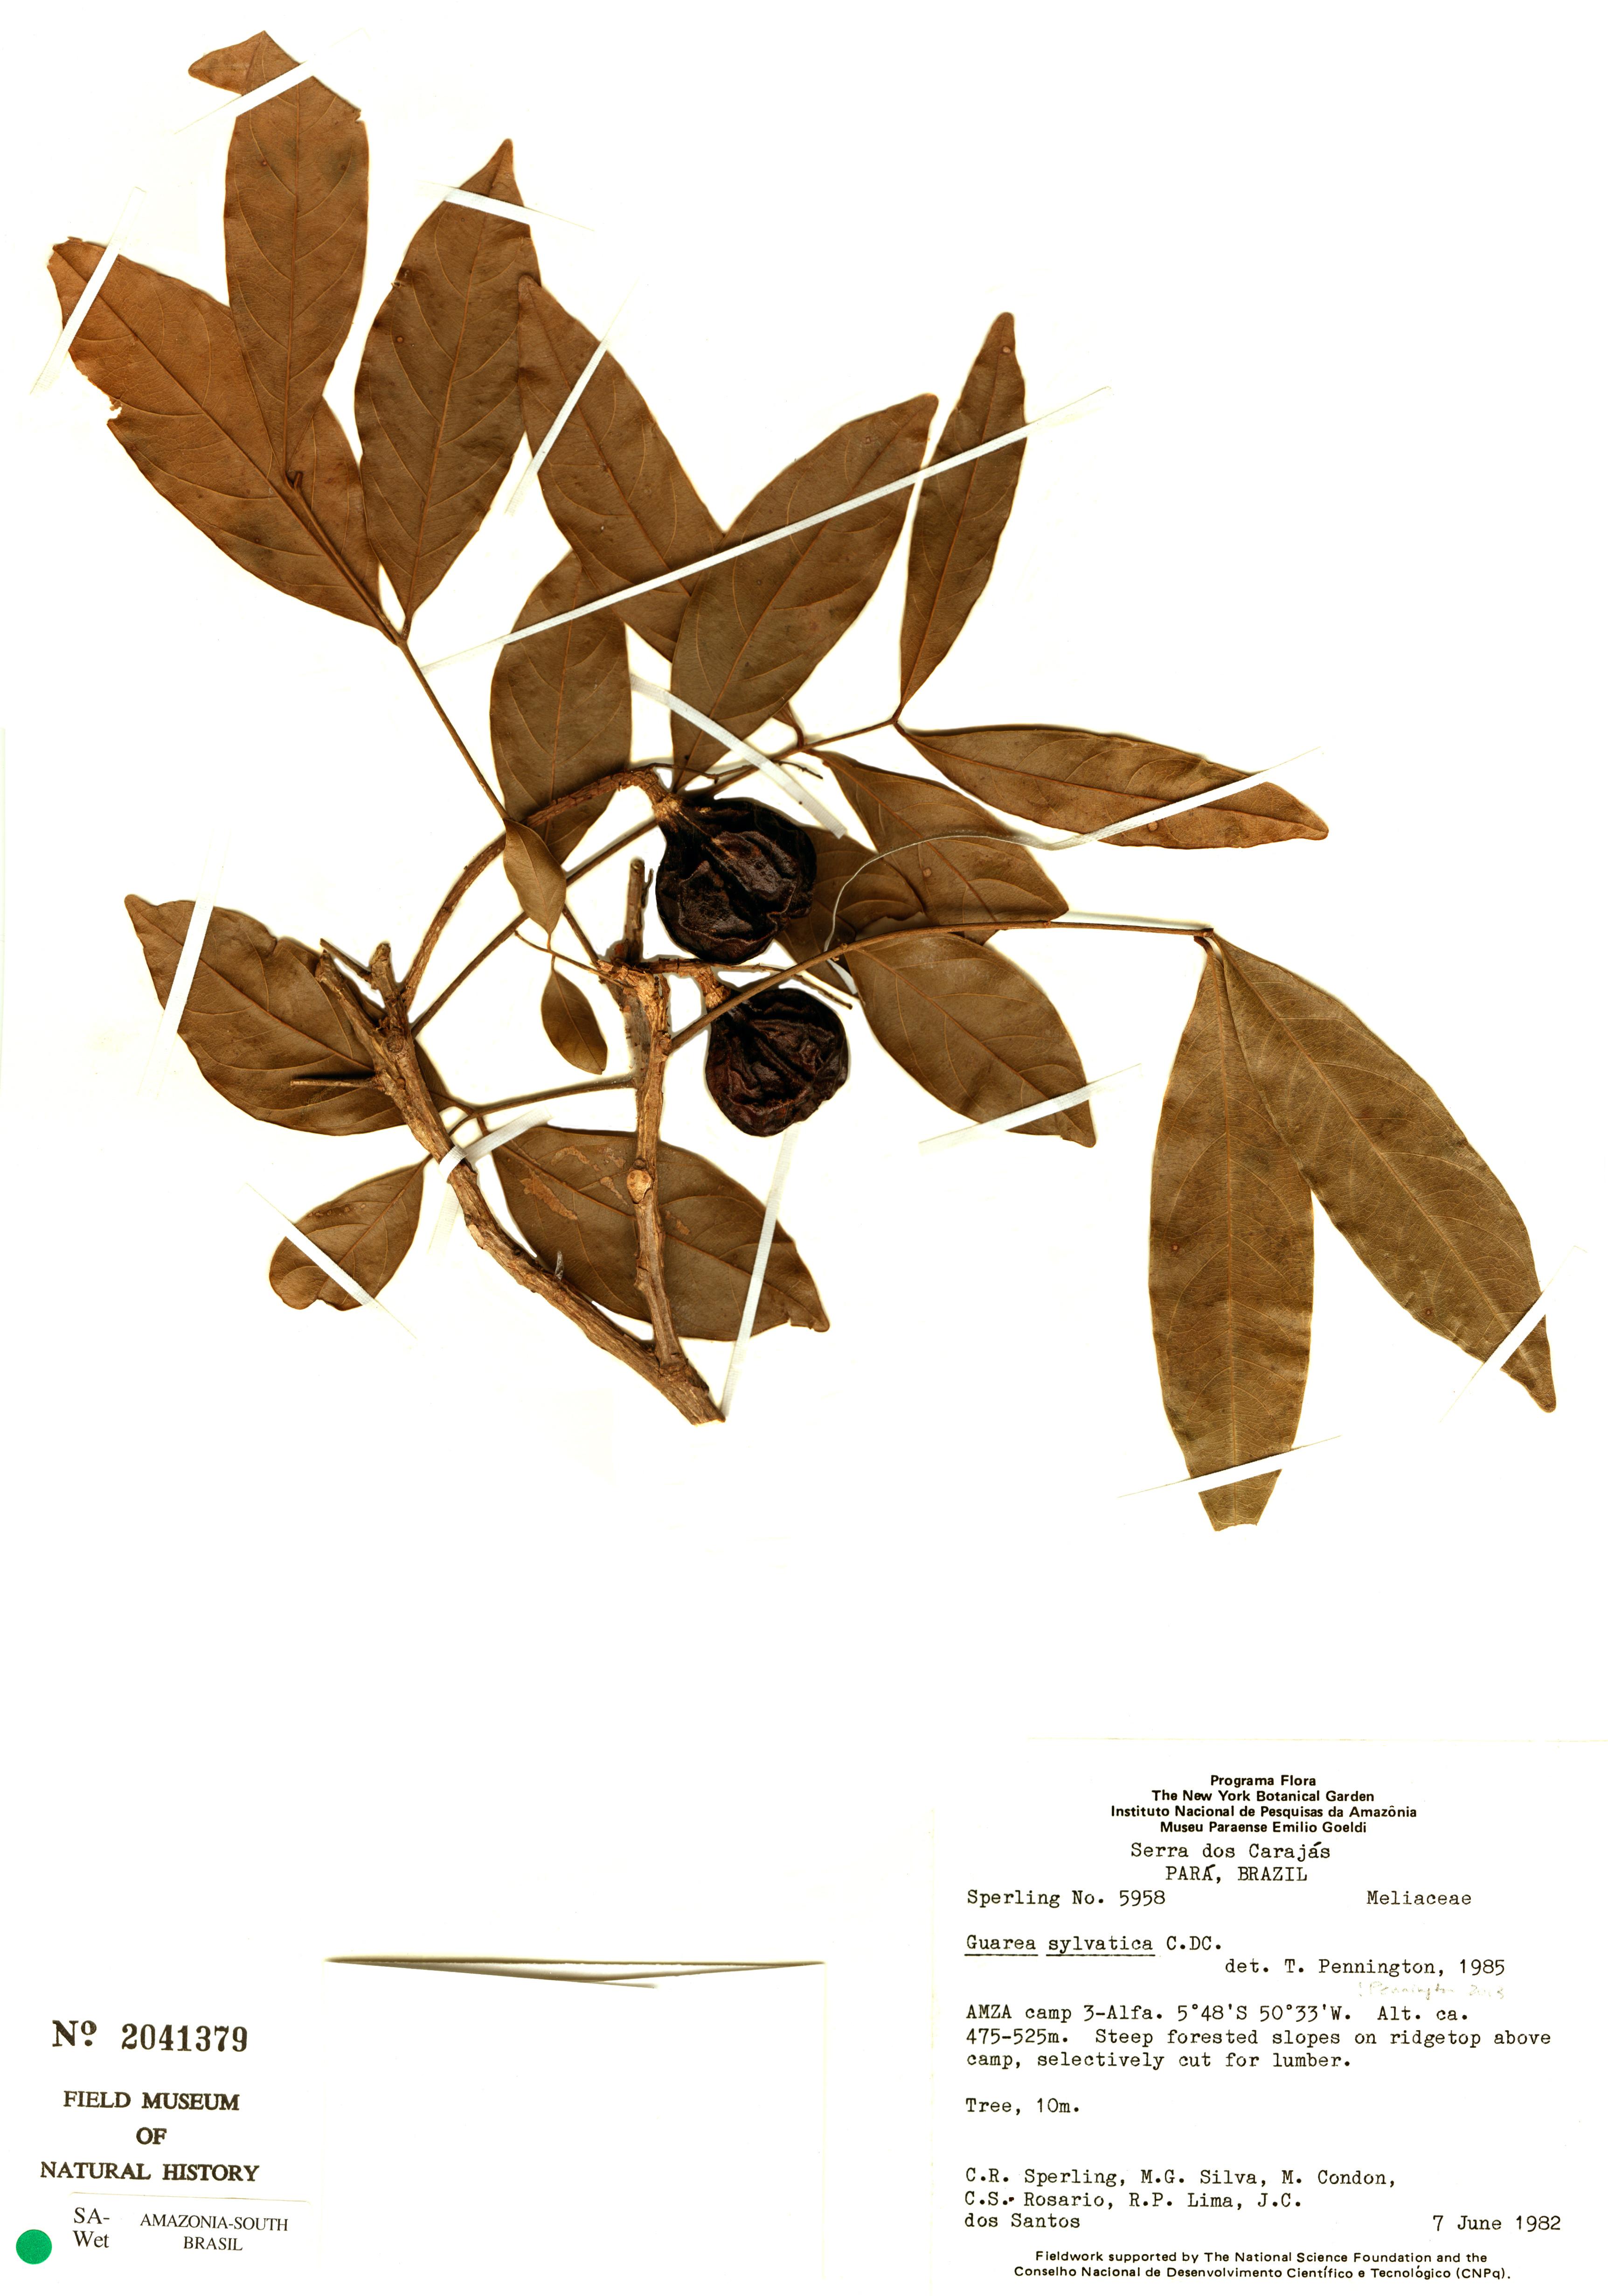 Specimen: Guarea silvatica